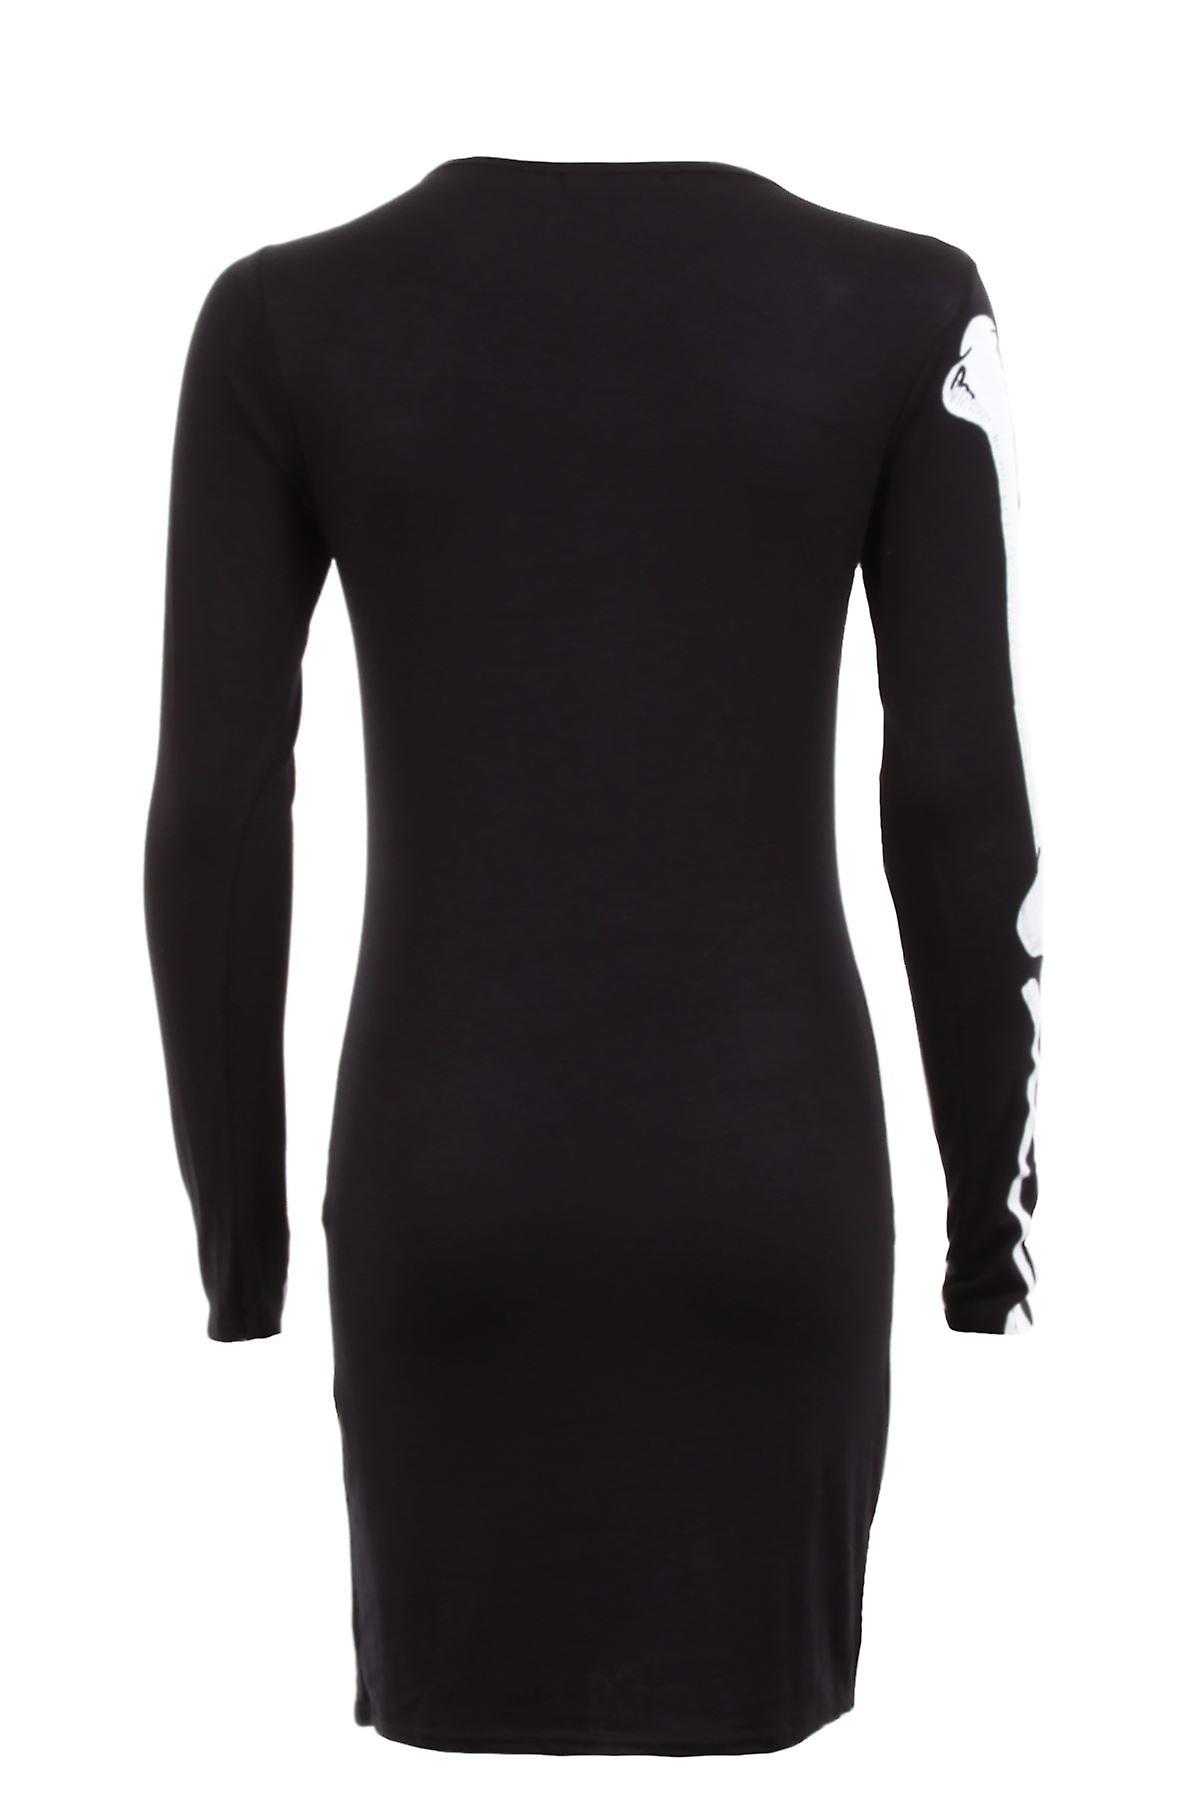 Ladies Long Sleeve Skull Bone Skeleton Print Bodycon Women's Short Dress